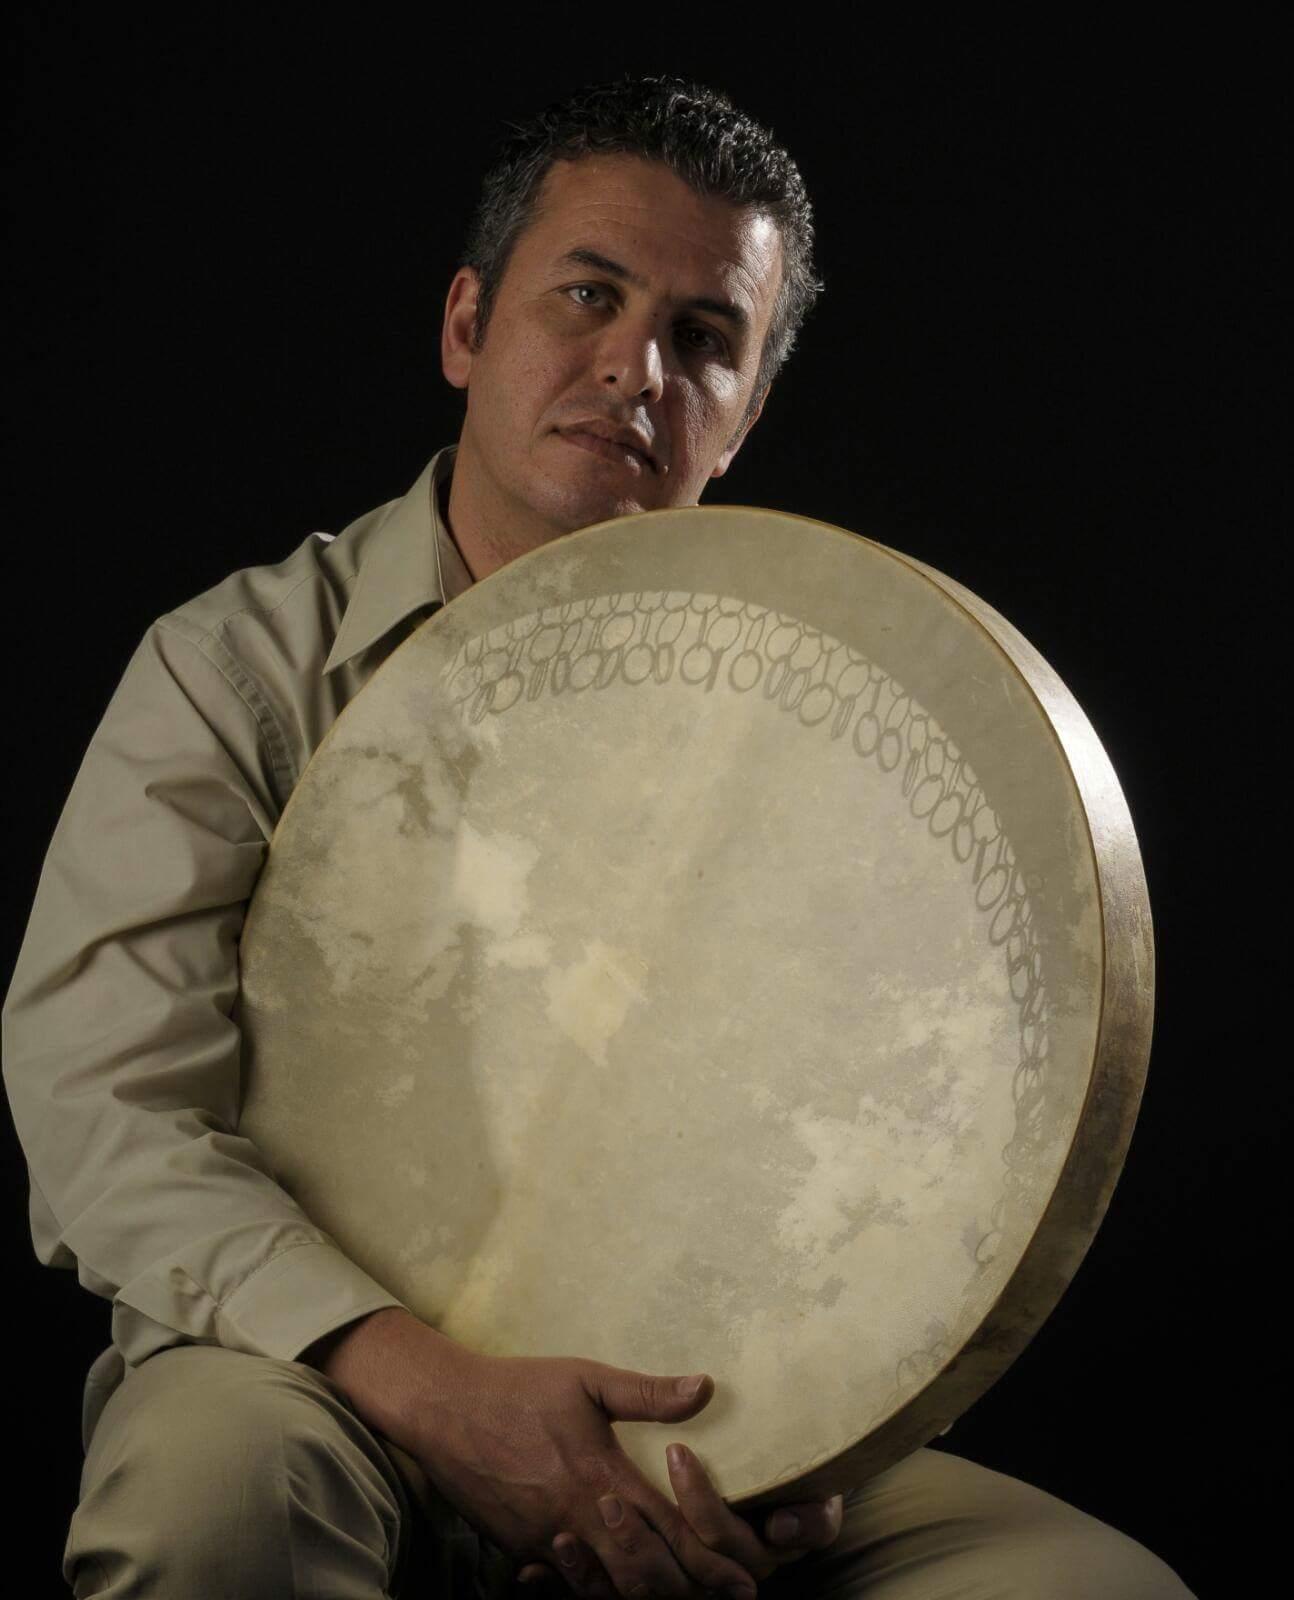 """""""Persų muzikos ir sutartinių gija"""", Hamidrezas Ojagis (Hamidreza Ojaghi)   Rengėjų nuotr."""